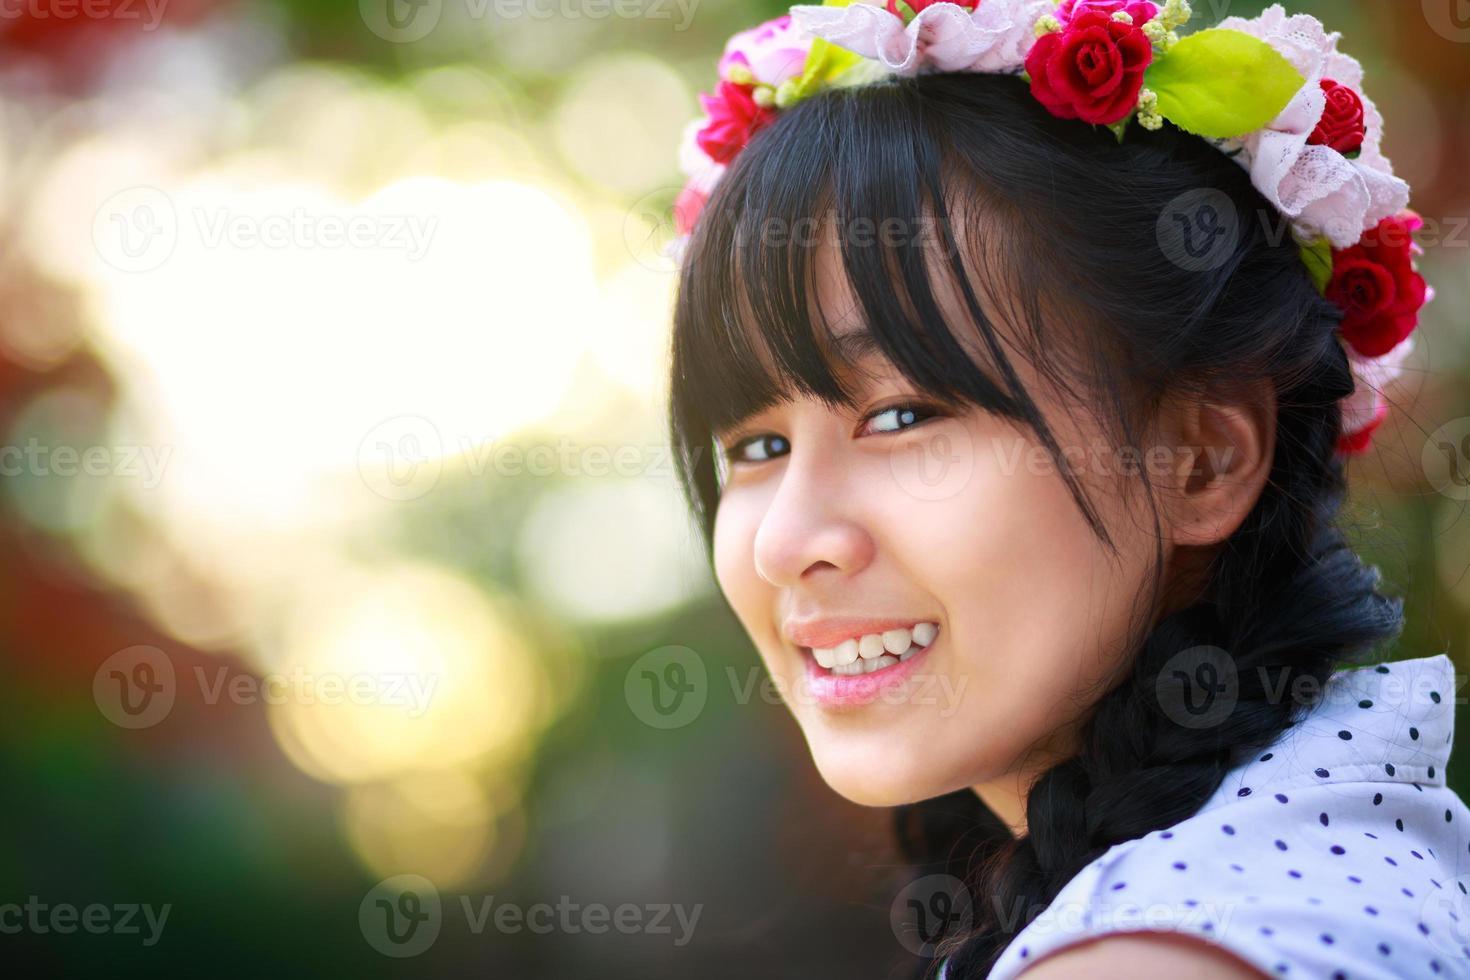 hermosa adolescente sonriente foto